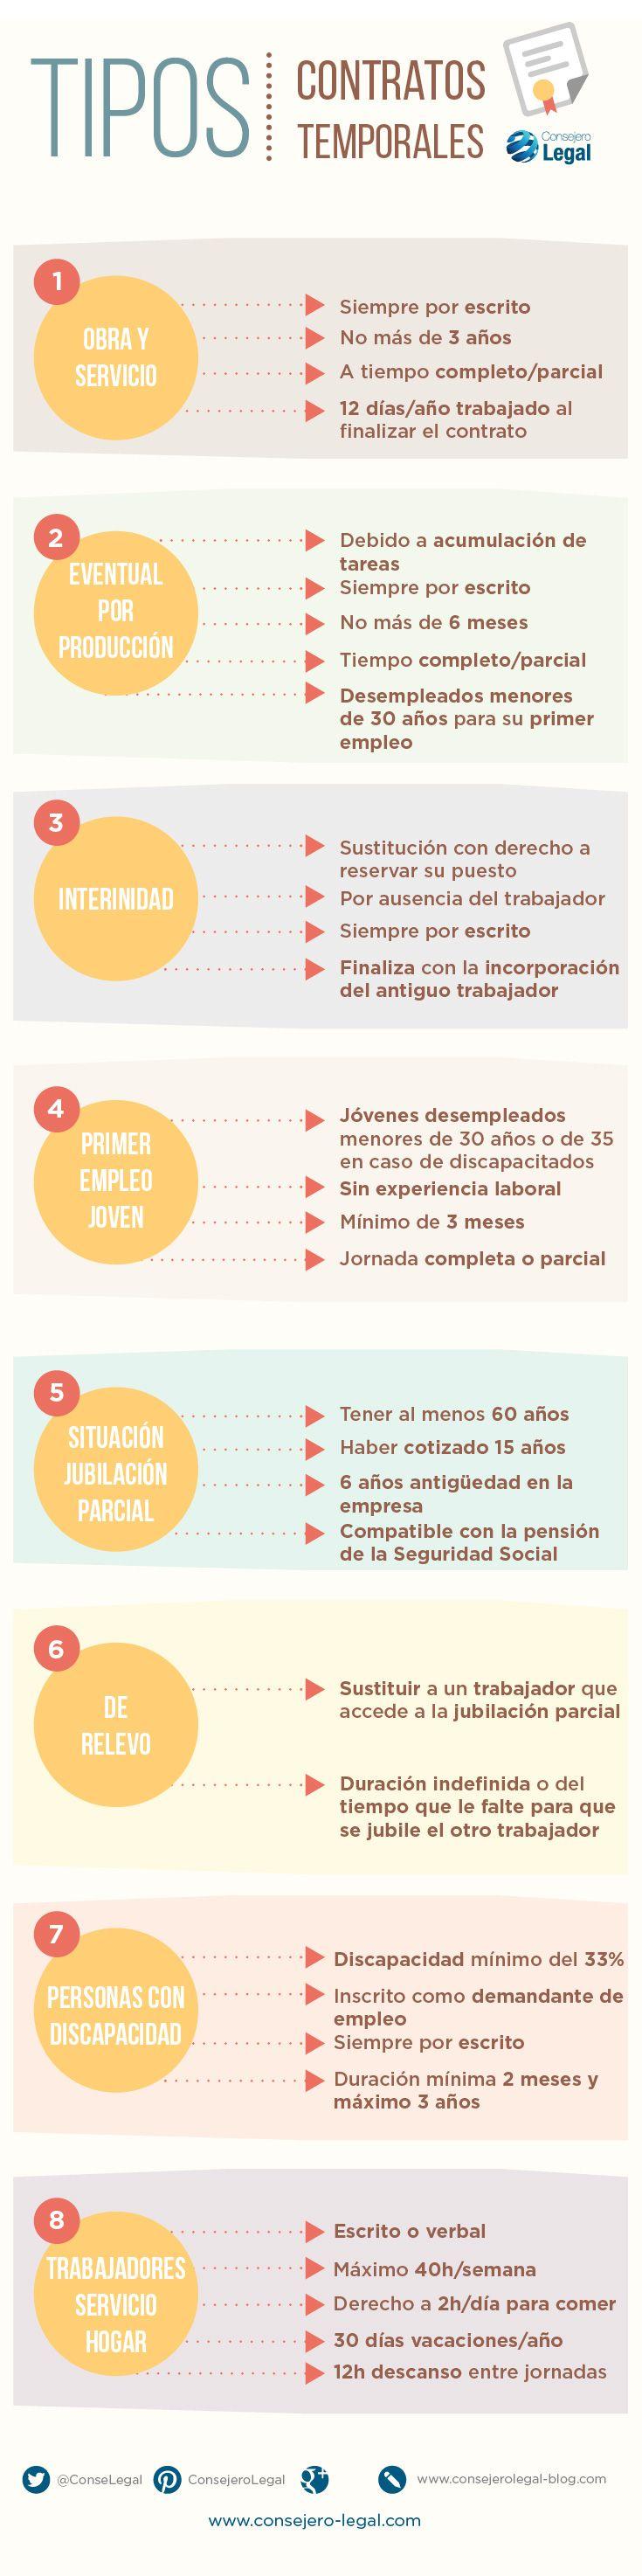 En Consejero Legal hemos preparado una infografía con todos los tipos de contrato temporal que hay en España.